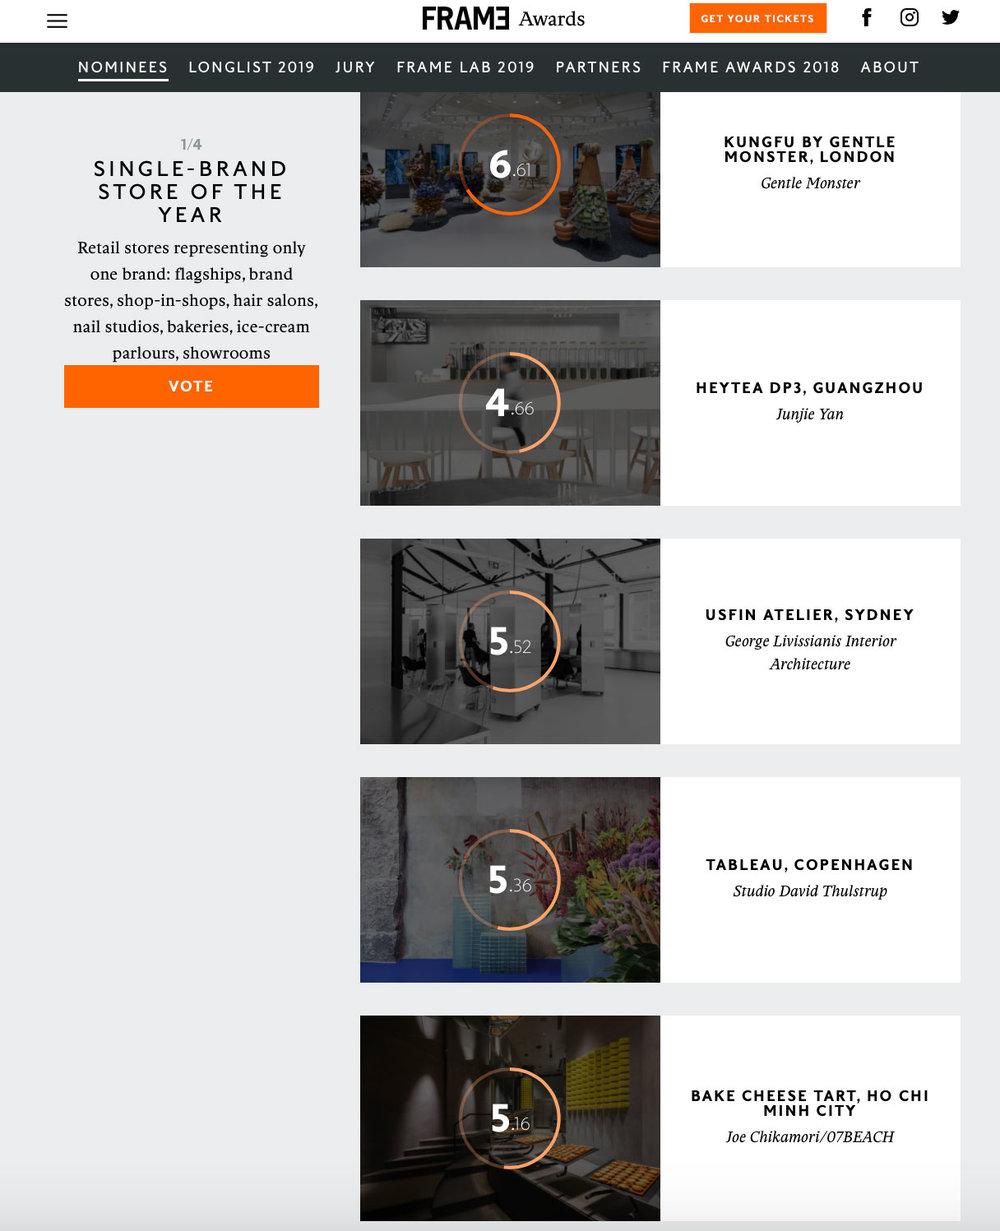 Frame Awards Screen shot.jpg